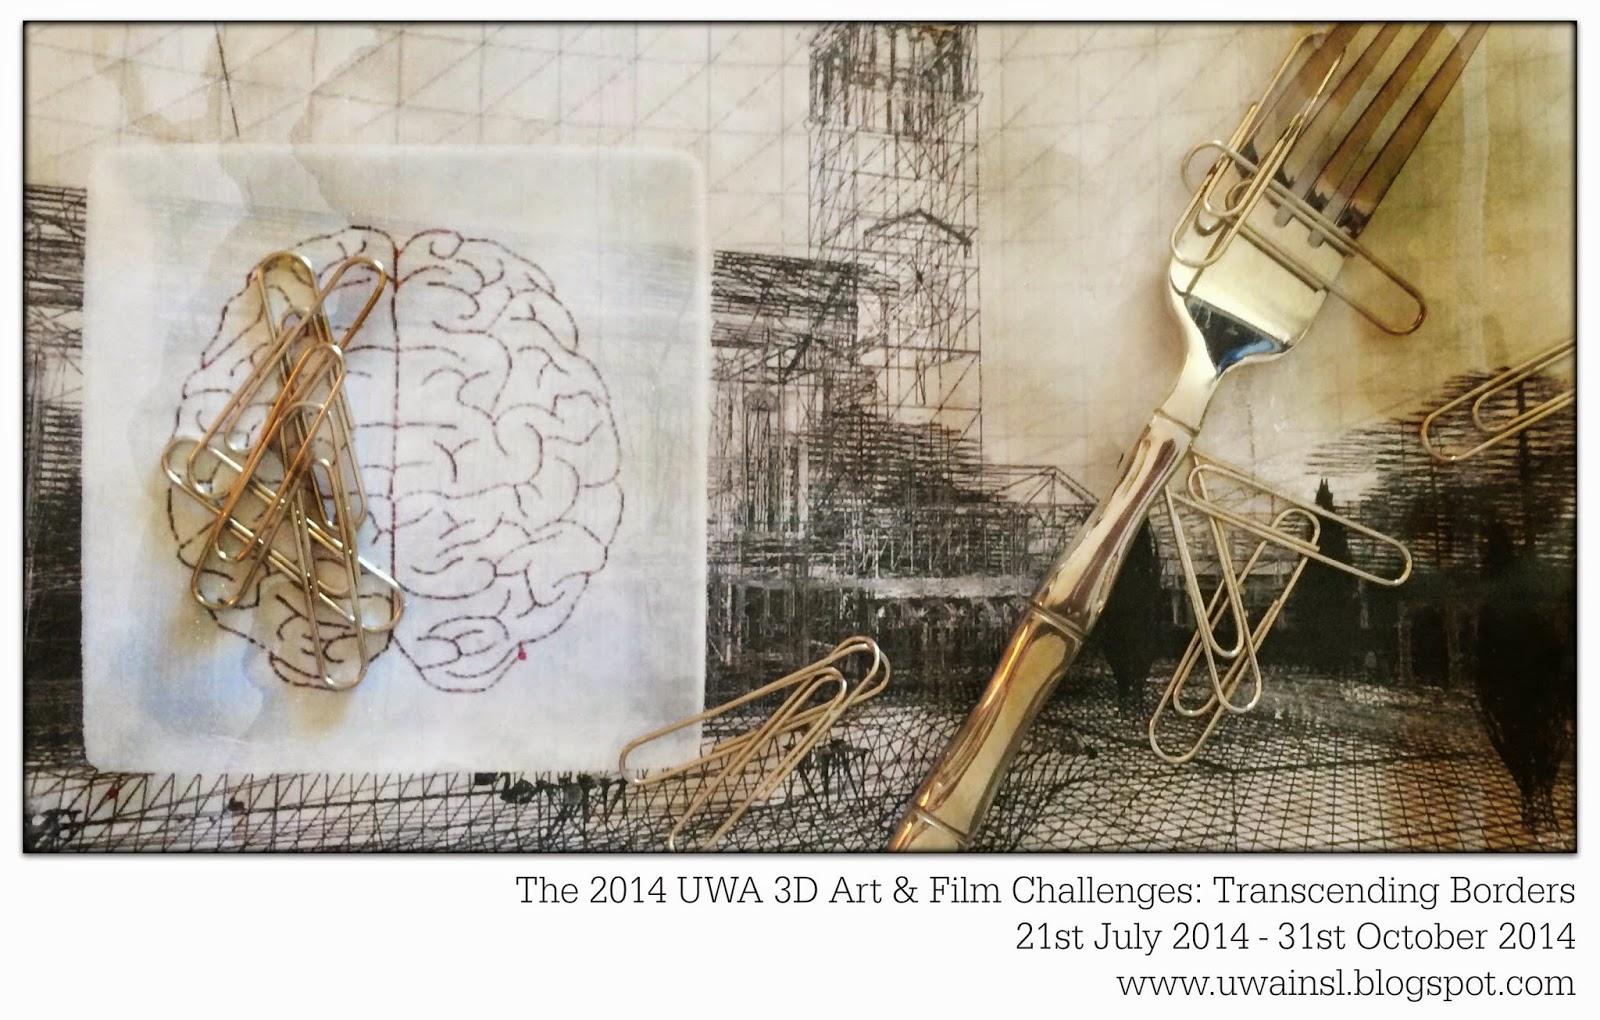 UWA 3D Art & Film Challenge